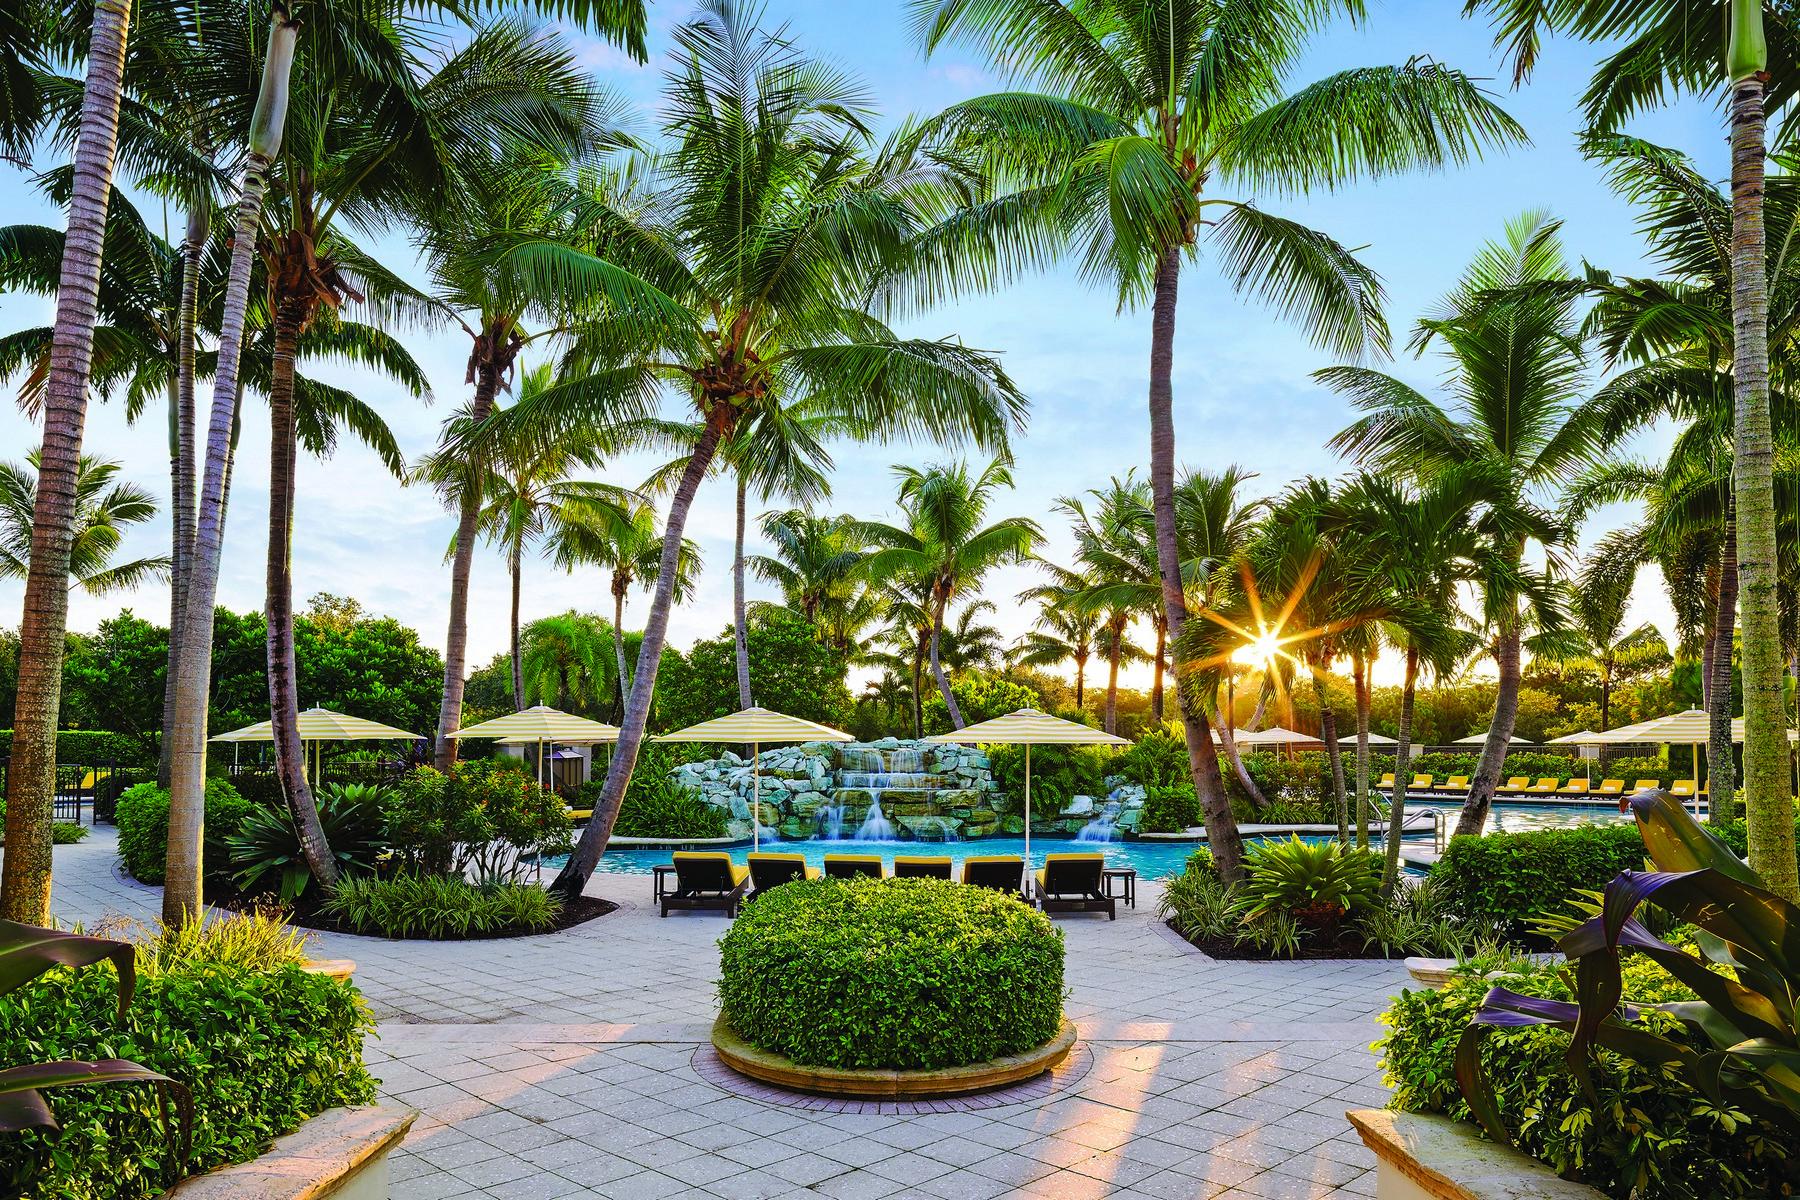 部分所有权 为 销售 在 649 White Pelican Way (Interest 6) 朱庇特, 佛罗里达州 33477 美国